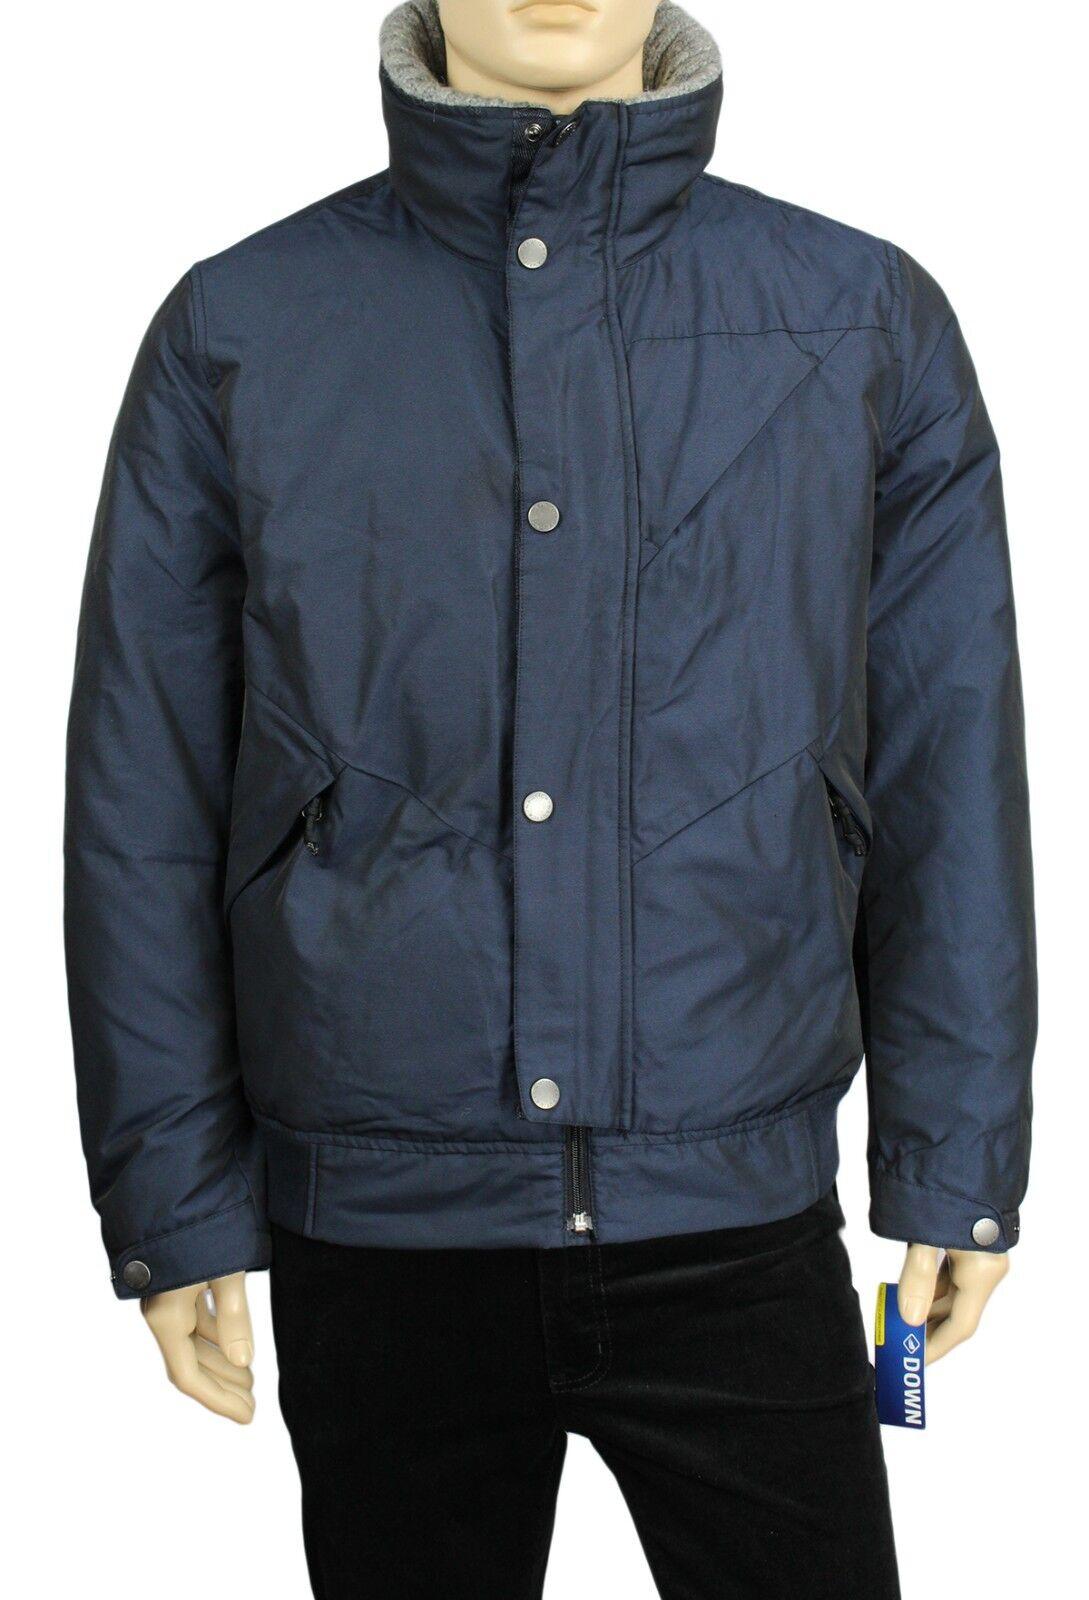 202789363 Nautica Midnight Navy Blue Mens Size 2xl Ribbed Bomber Jacket 018